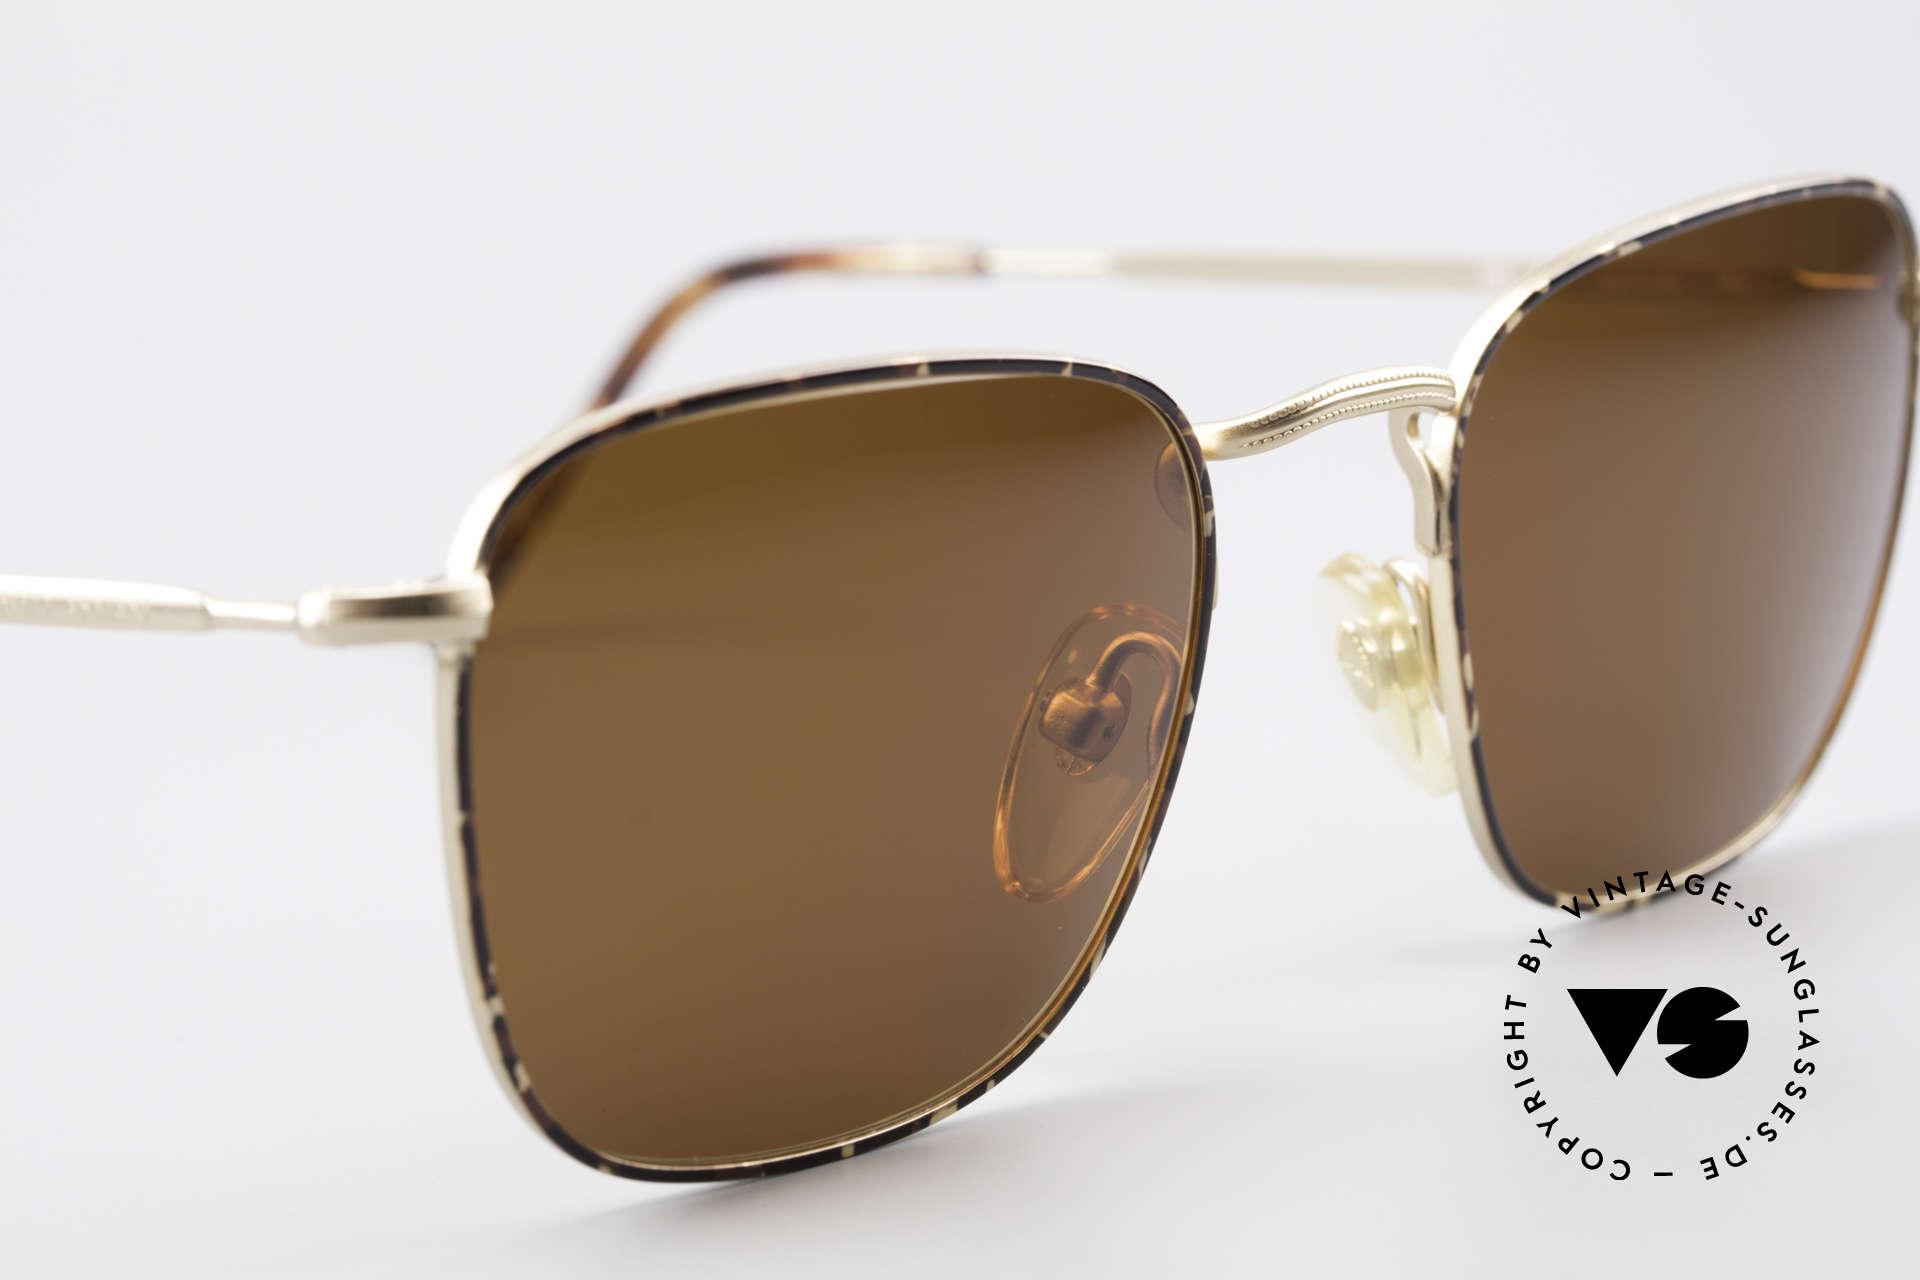 Giorgio Armani 137 Eckige Panto Vintage Brille, ungetragen (wie all unsere G.Armani Sonnenbrillen), Passend für Herren